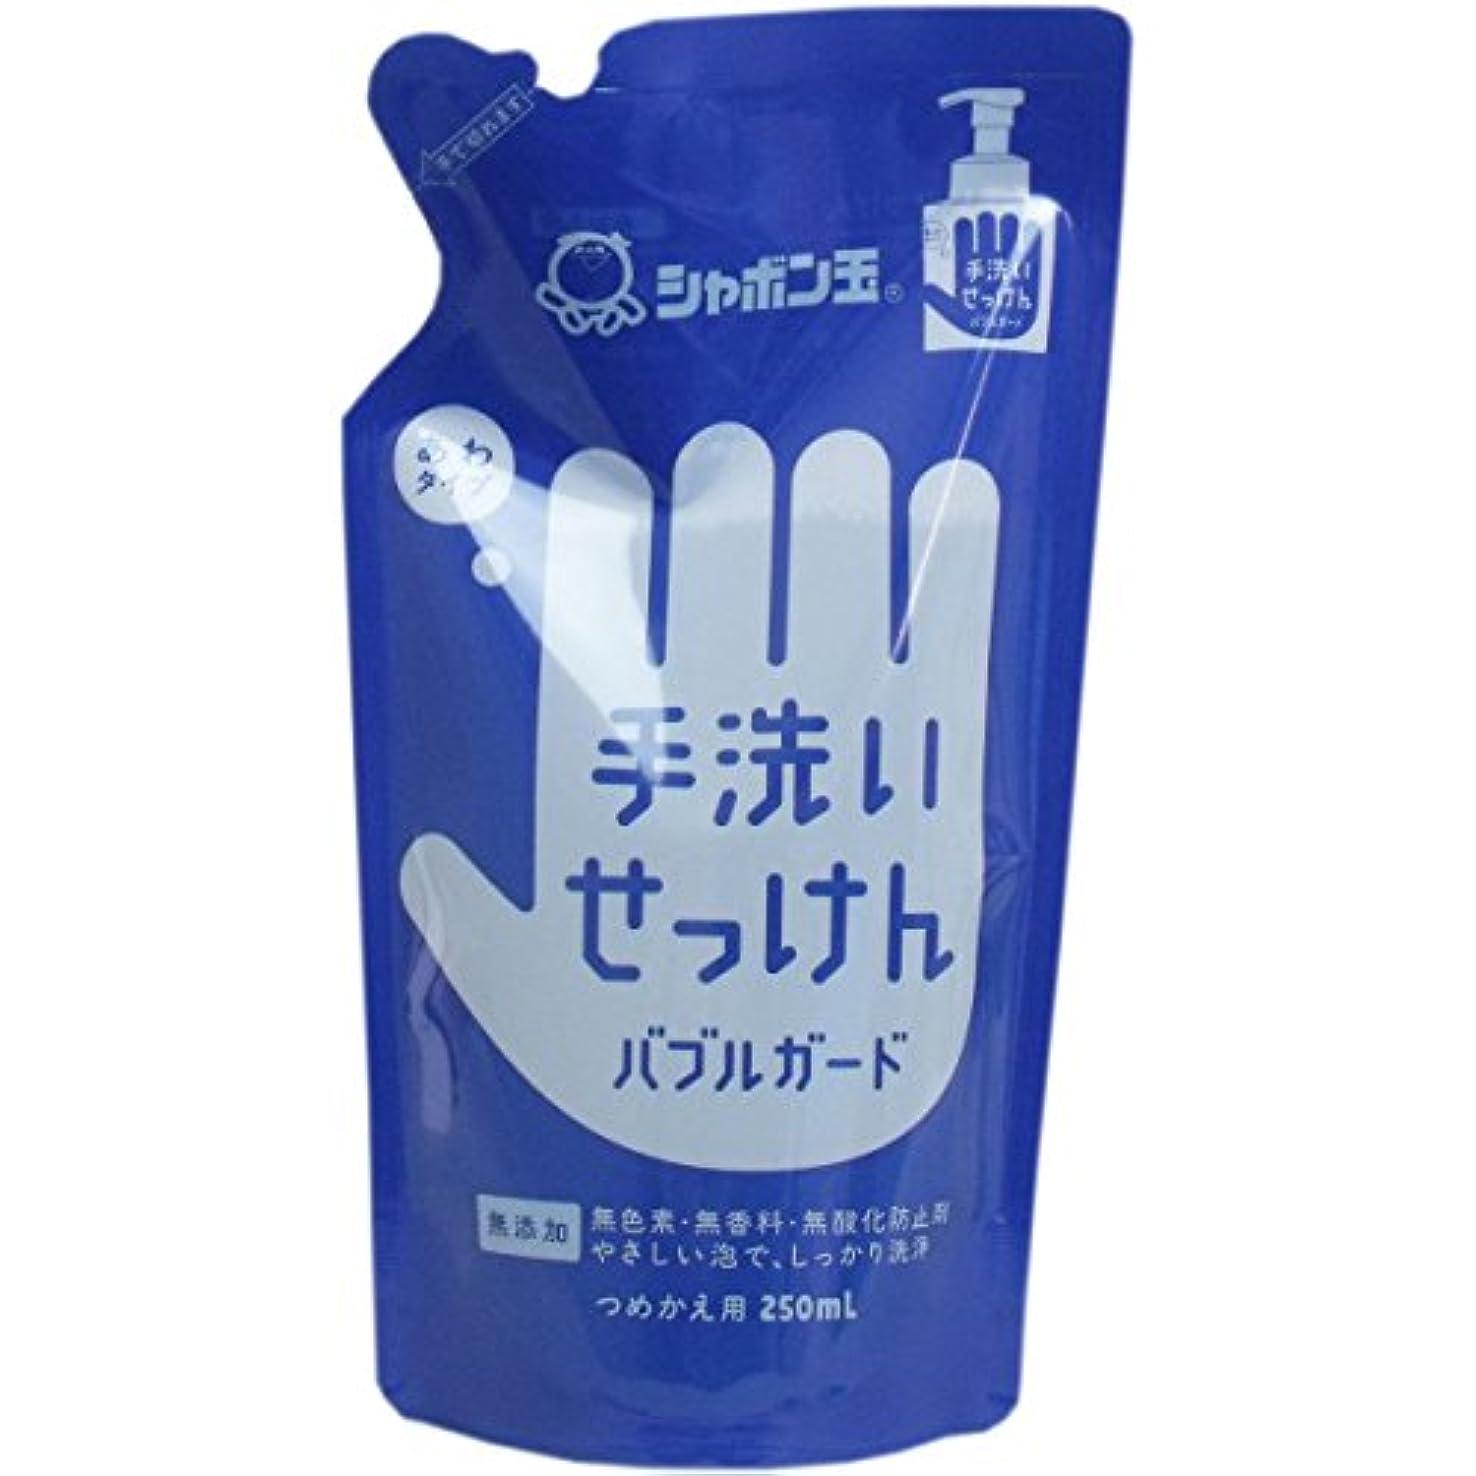 ピストンコメント浮く[シャボン玉石けん 1602809] (ケア商品)手洗いせっけん バブルガード 泡タイプ つめかえ用 250ml